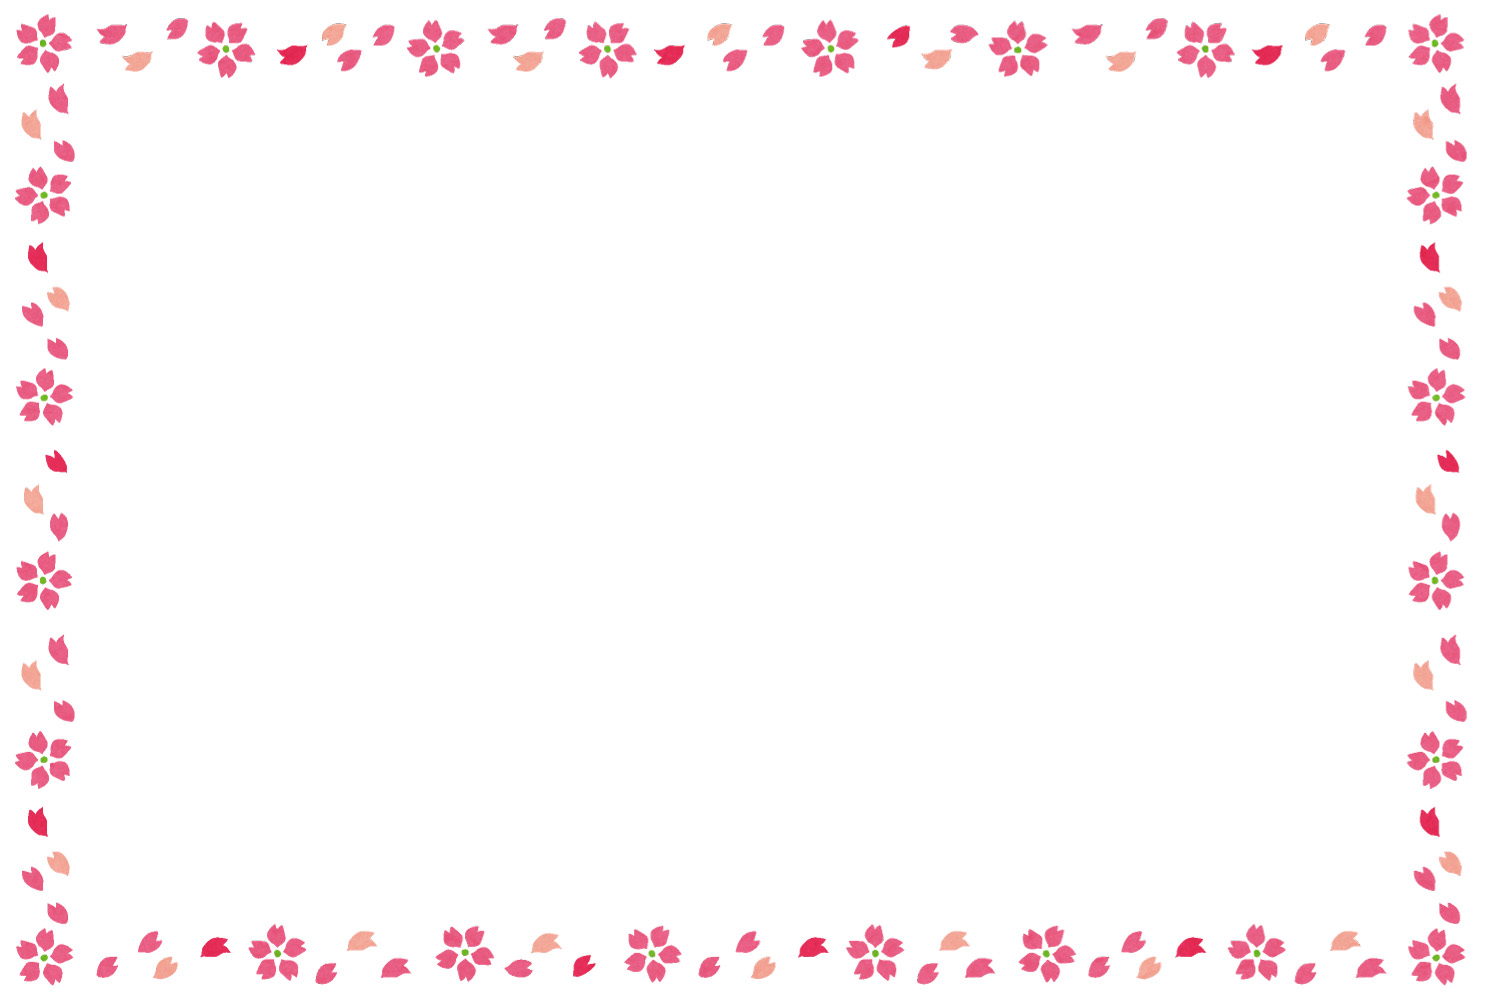 Sakura Frame : 便箋 枠 : すべての講義